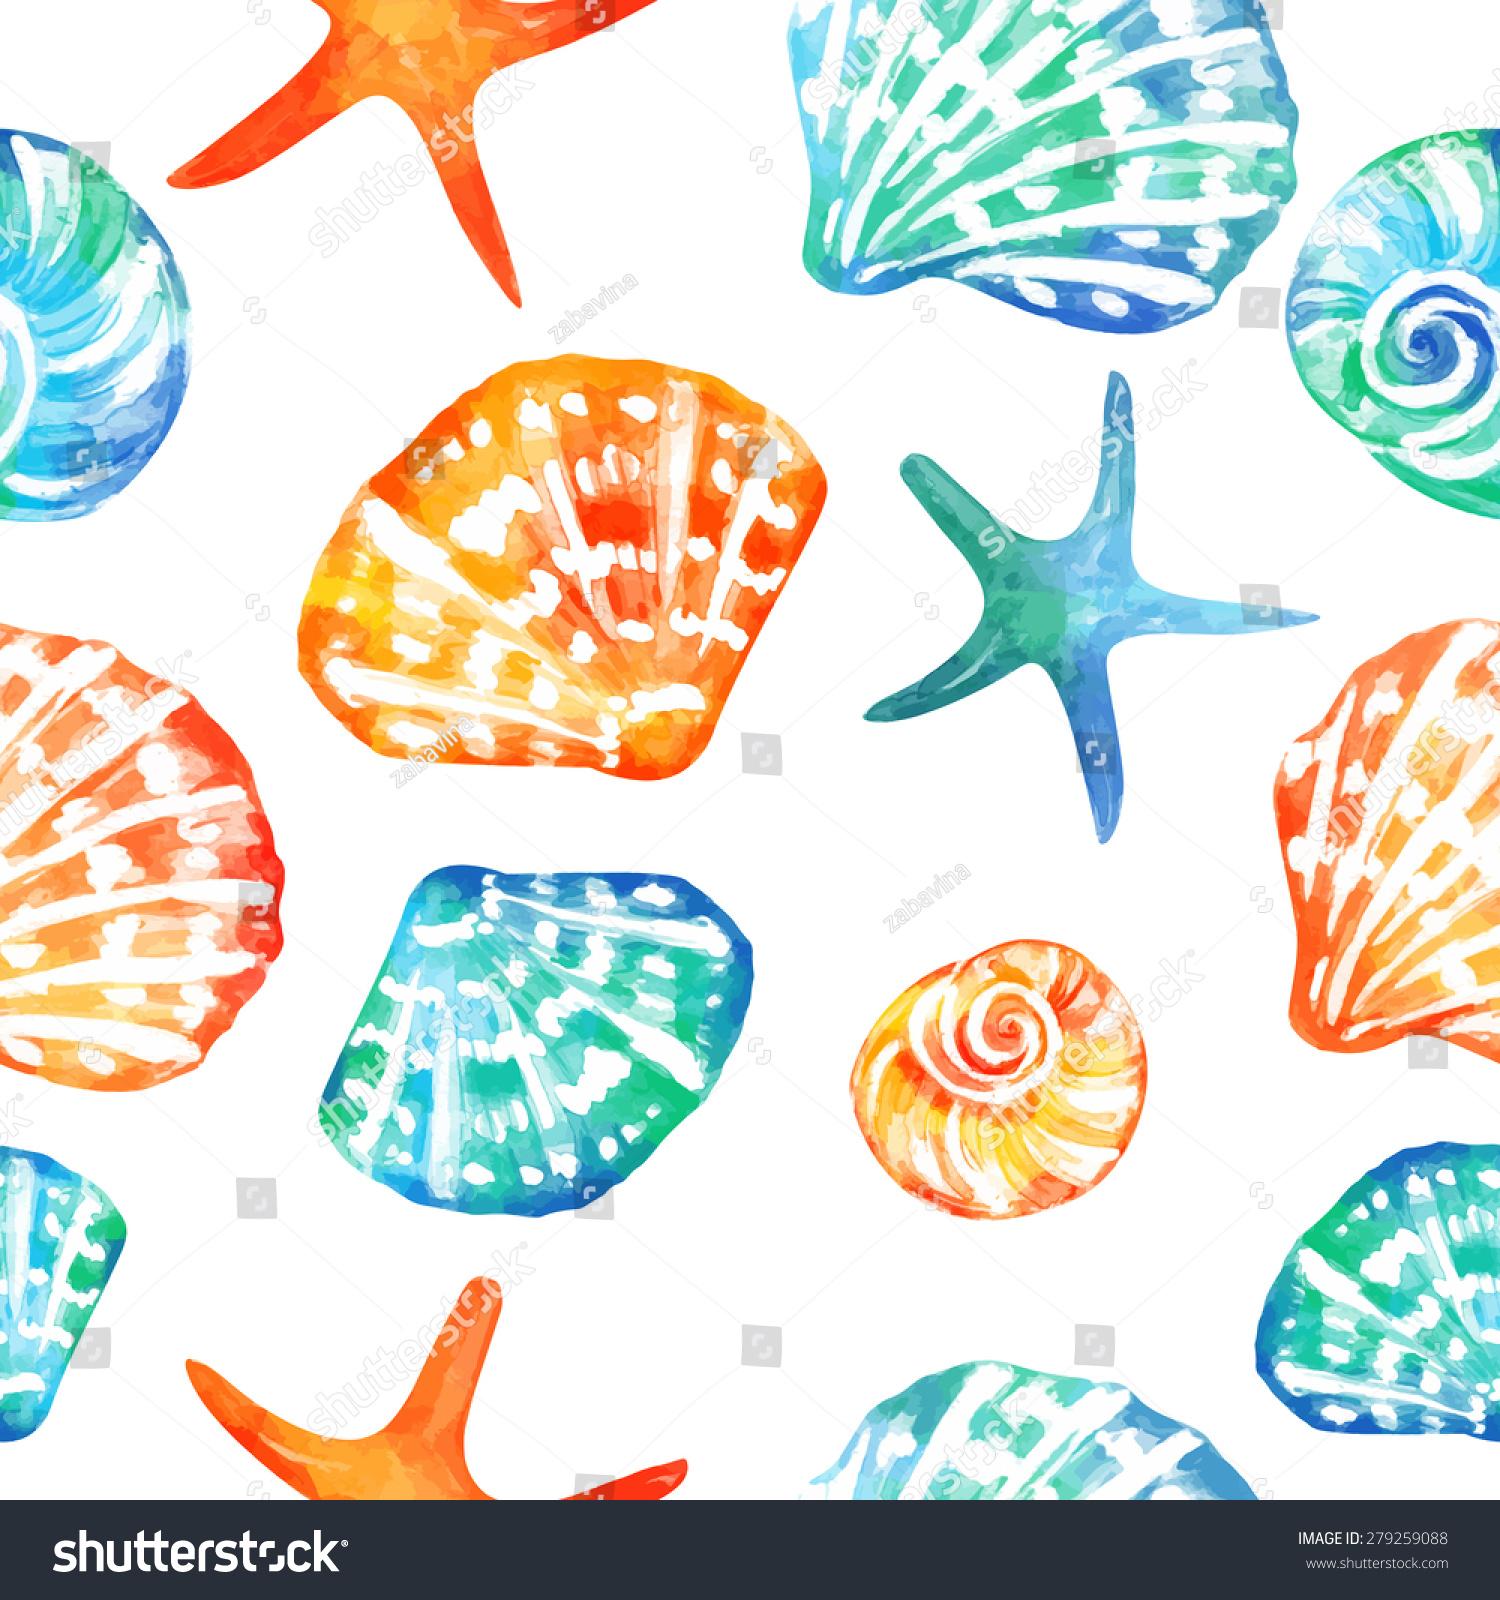 无缝的矢量模式与海洋贝壳.向量的背景.可用于织物